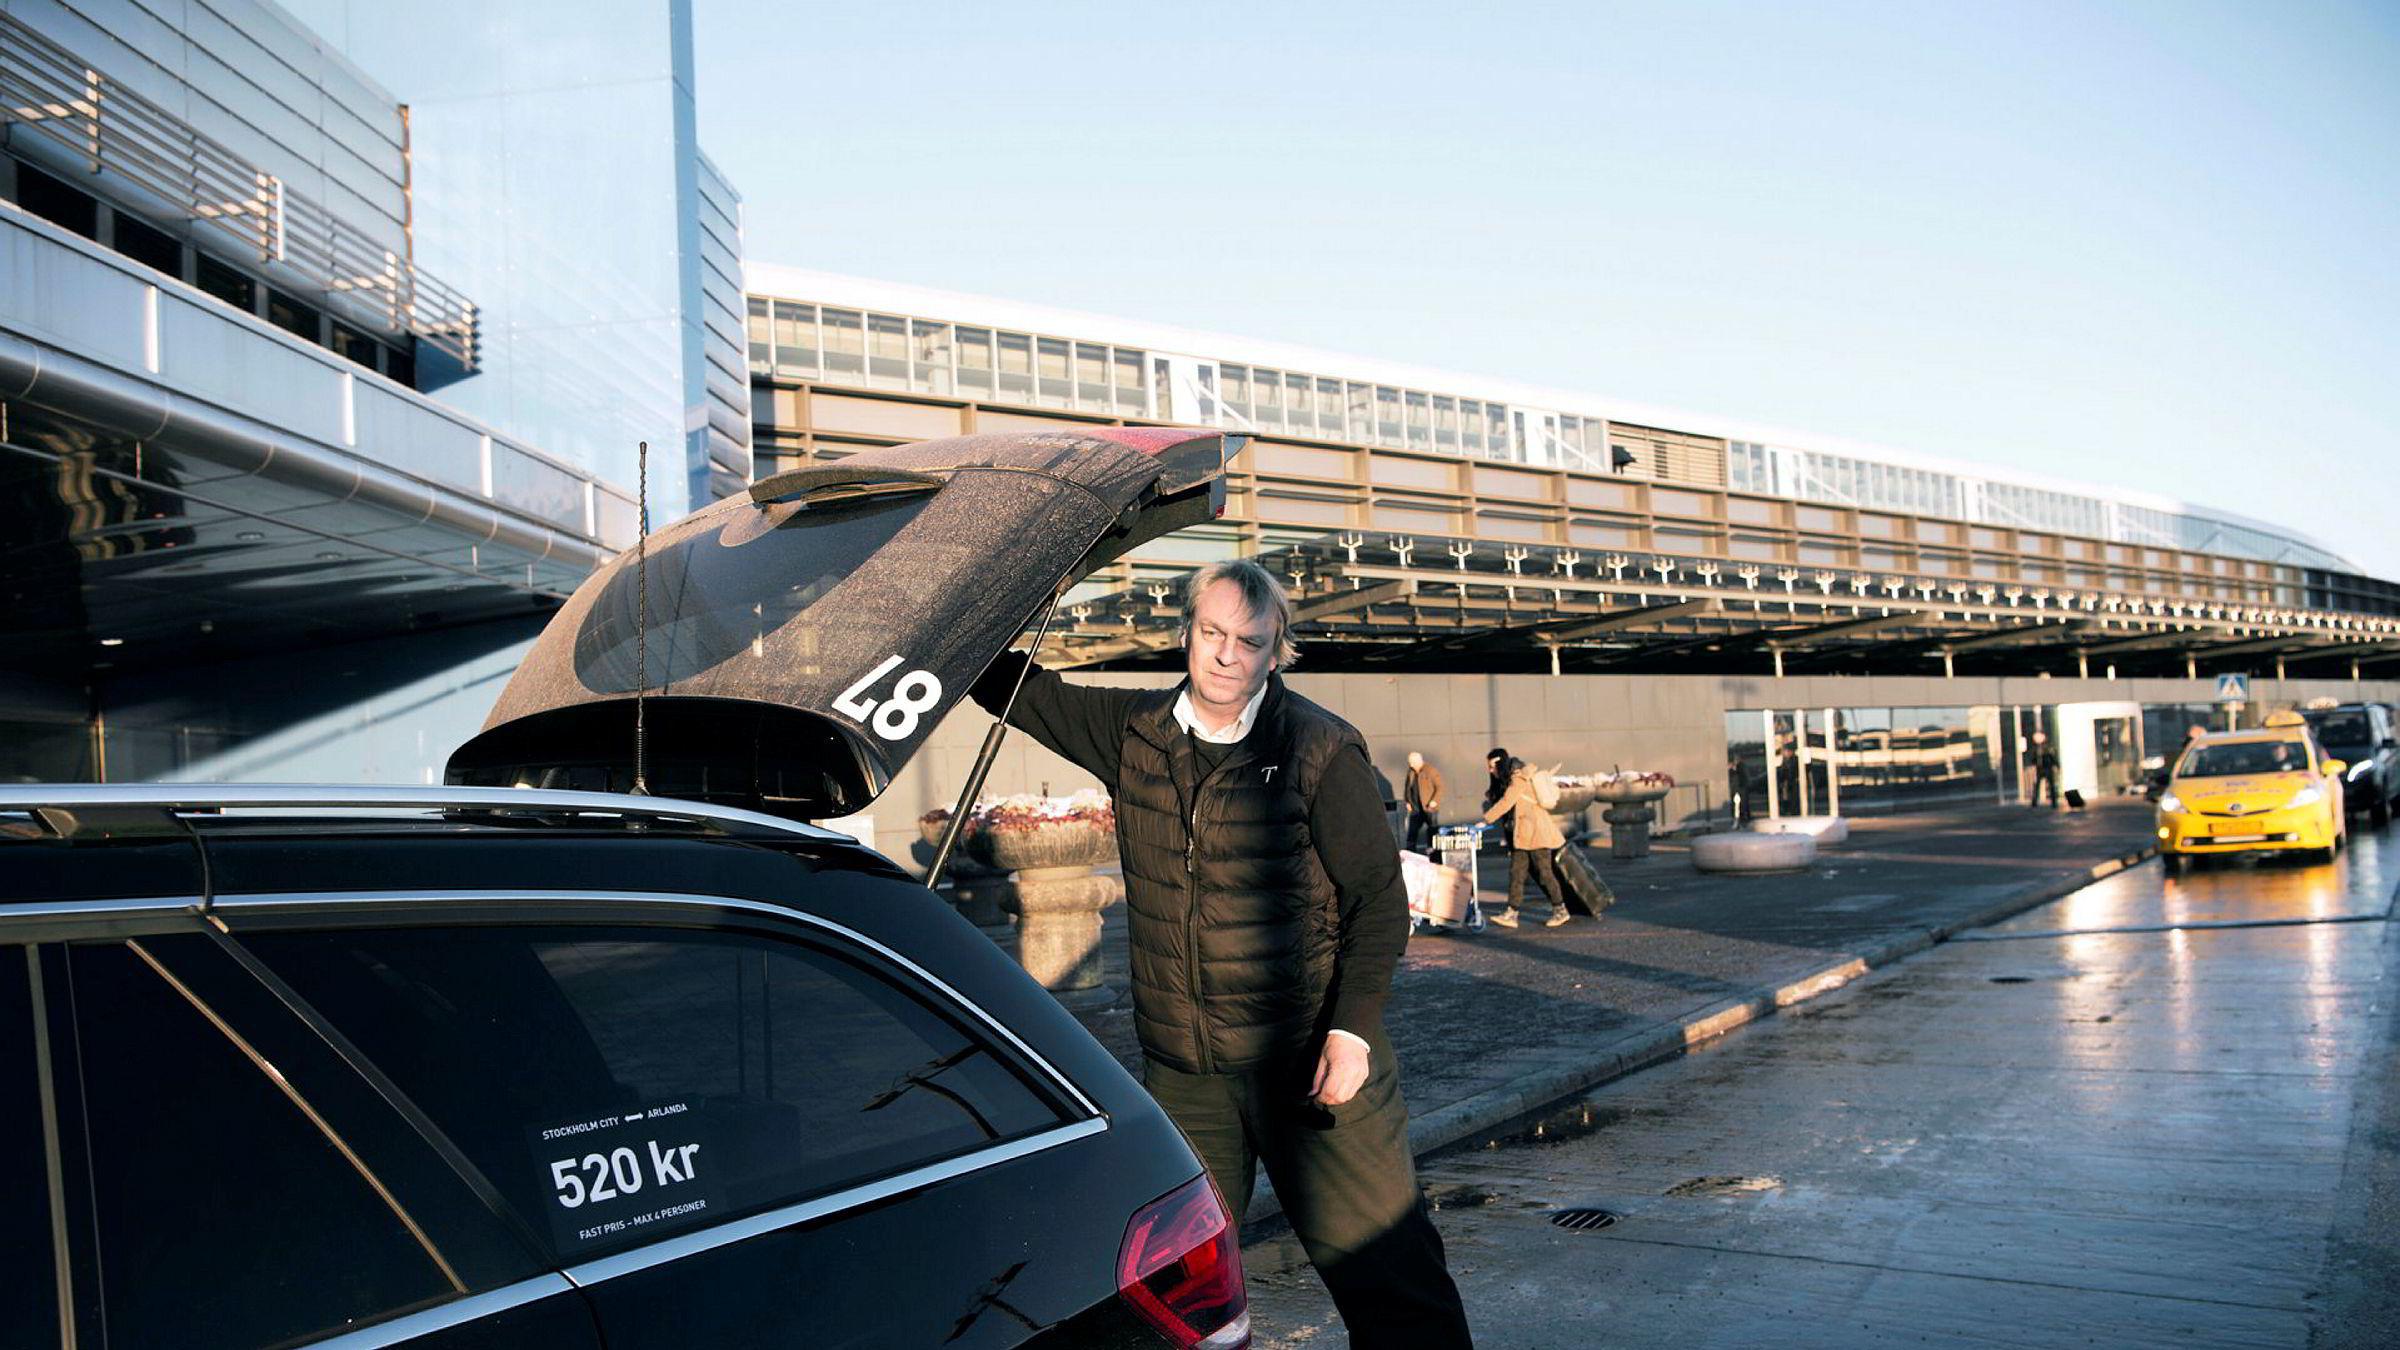  Taxiselskapet Topcab i Stockholm har spesialisert seg på et dyrere segmentet enn andre konkurrenter og sjåfør Joakim Thorild har faste kunder i næringslivet. – De forteller om en mer positiv stemning, sier han.